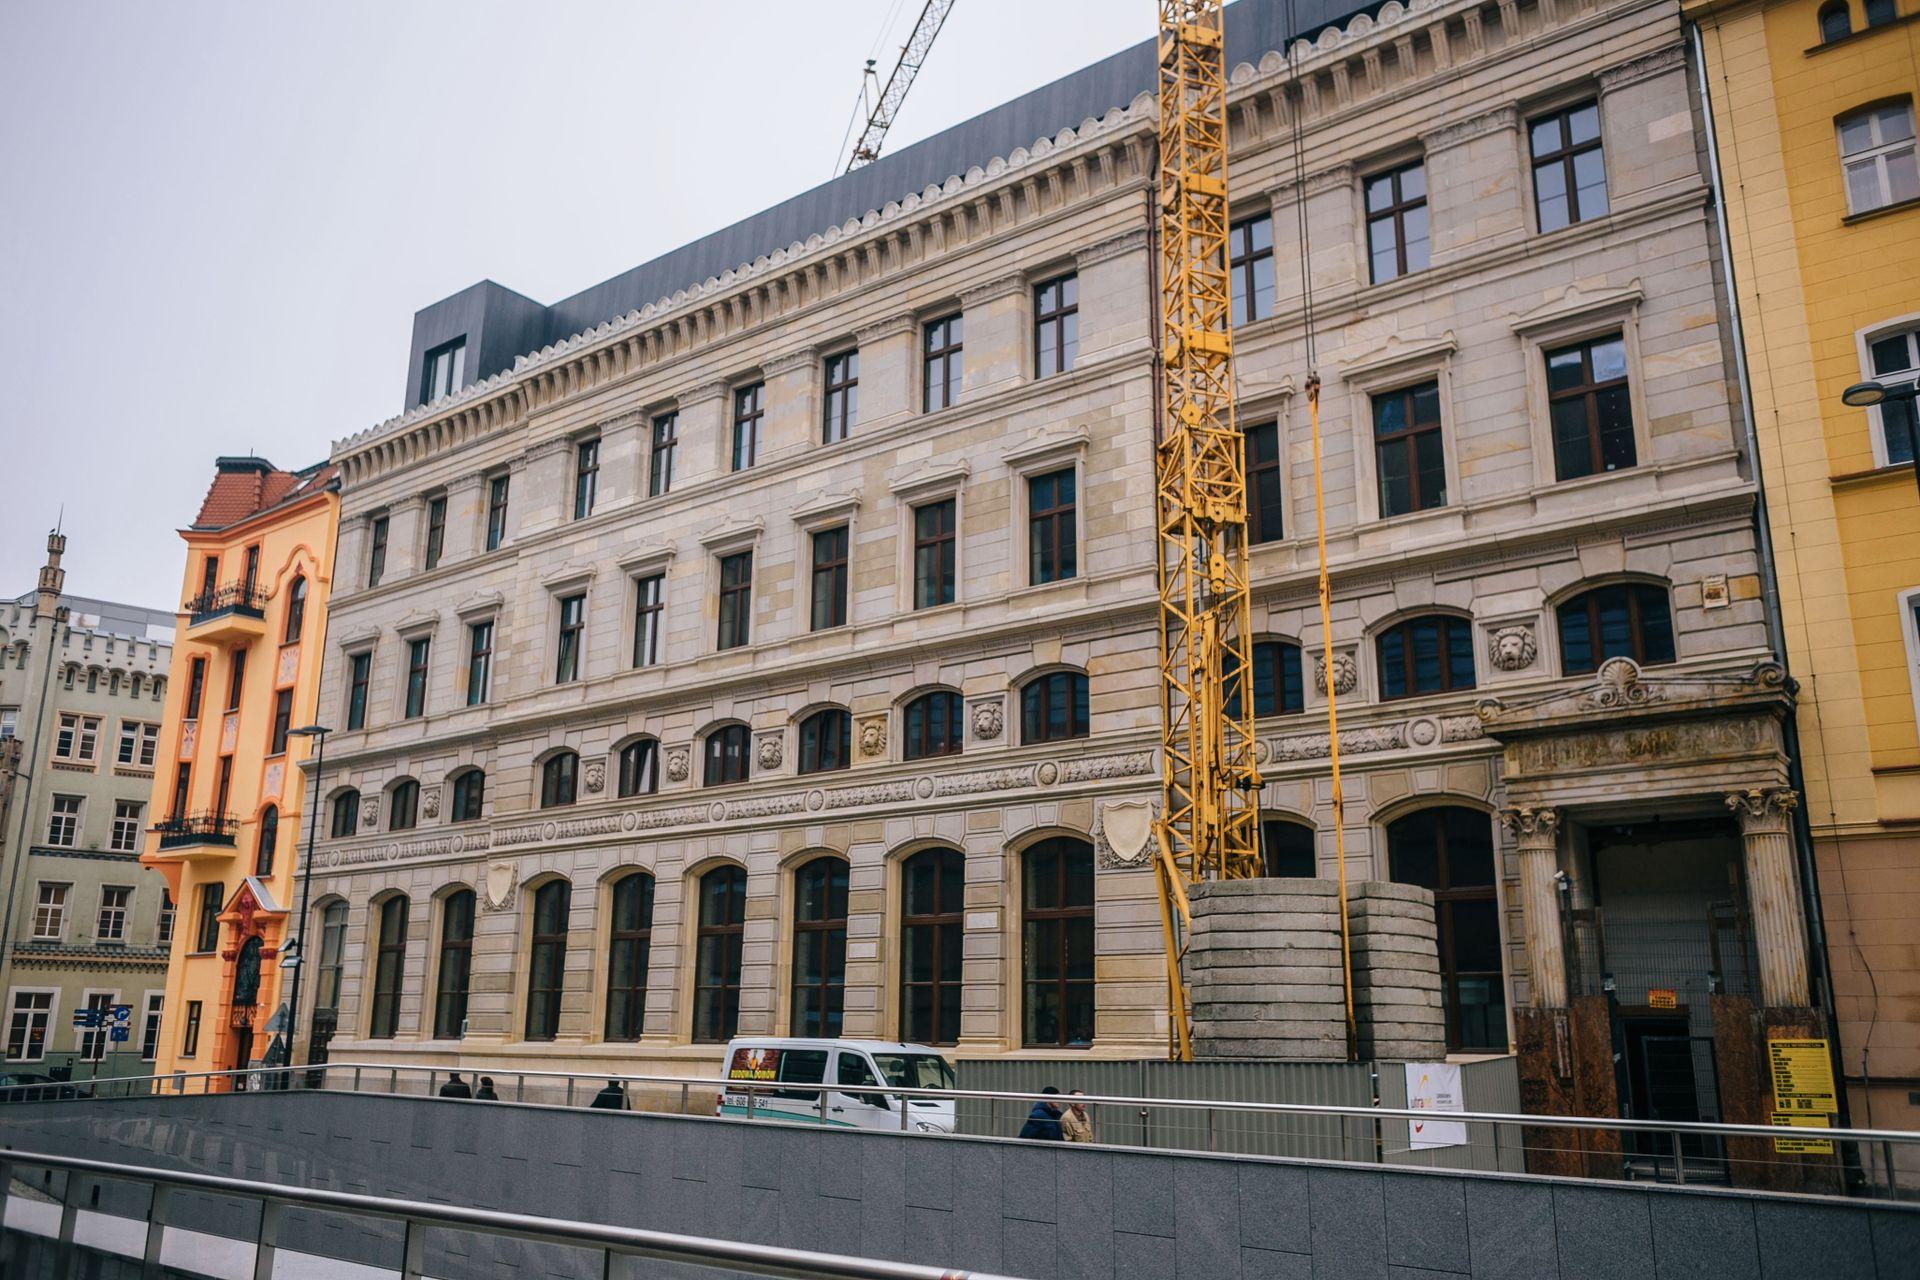 [Wrocław] Nowy hotel przy placu Wolności. To pierwszy obiekt tej sieci w naszej części Europy [FOTO]